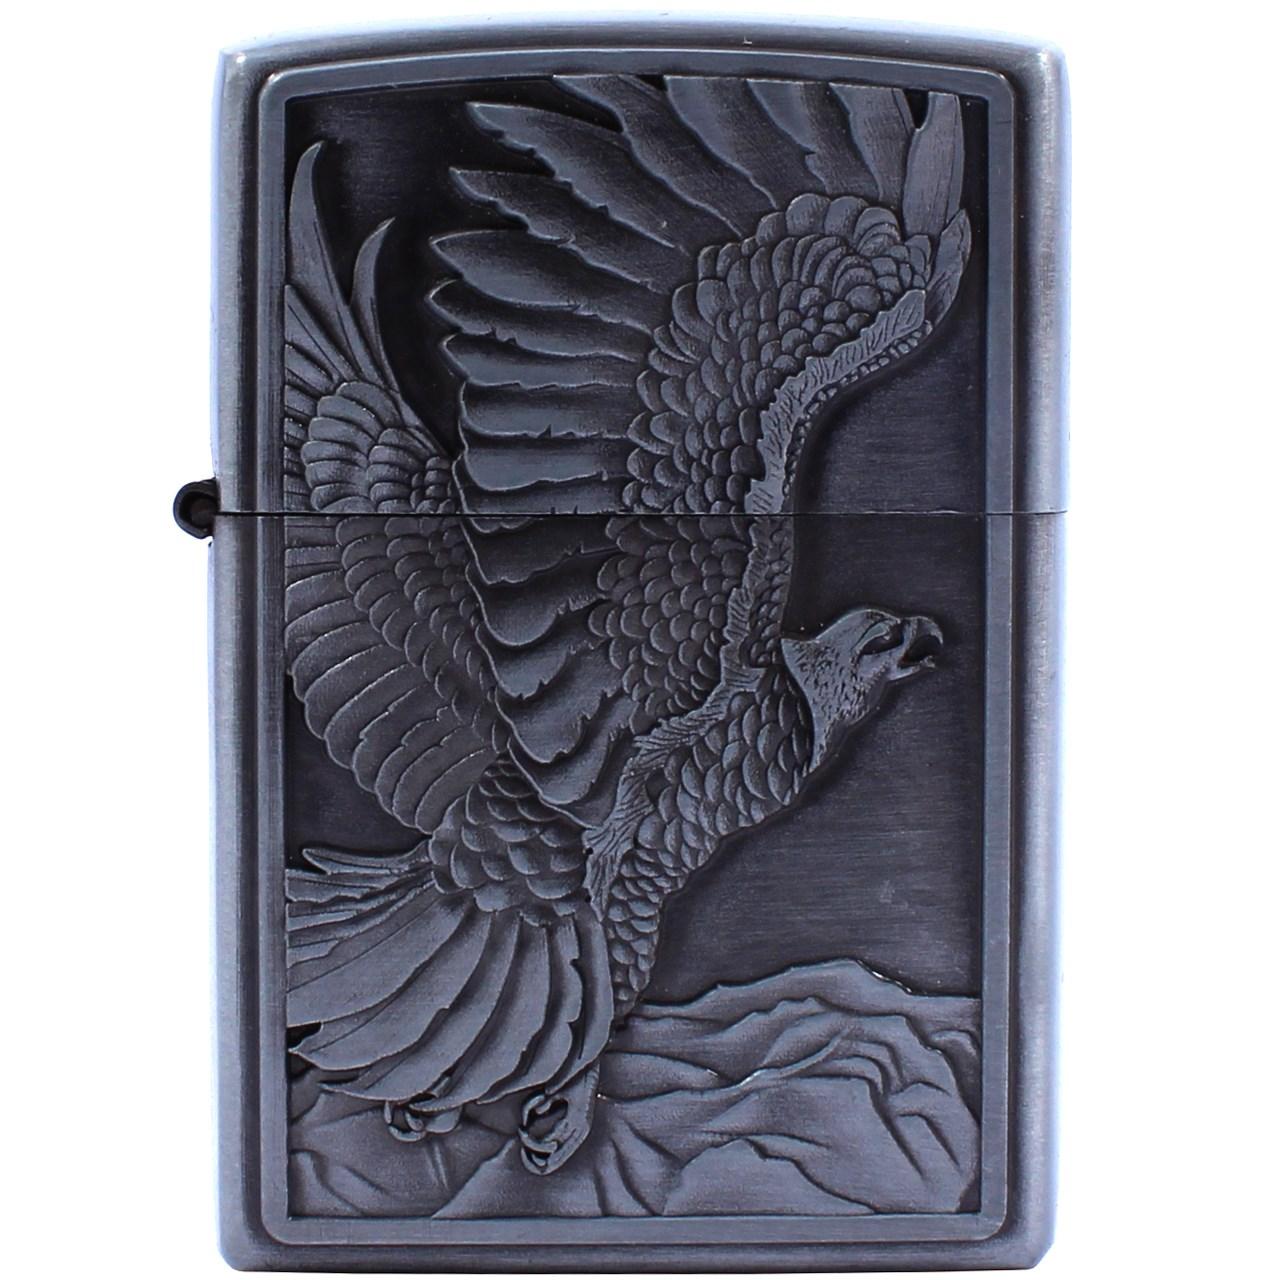 فندک کیانتای مدل Silver Eagle3